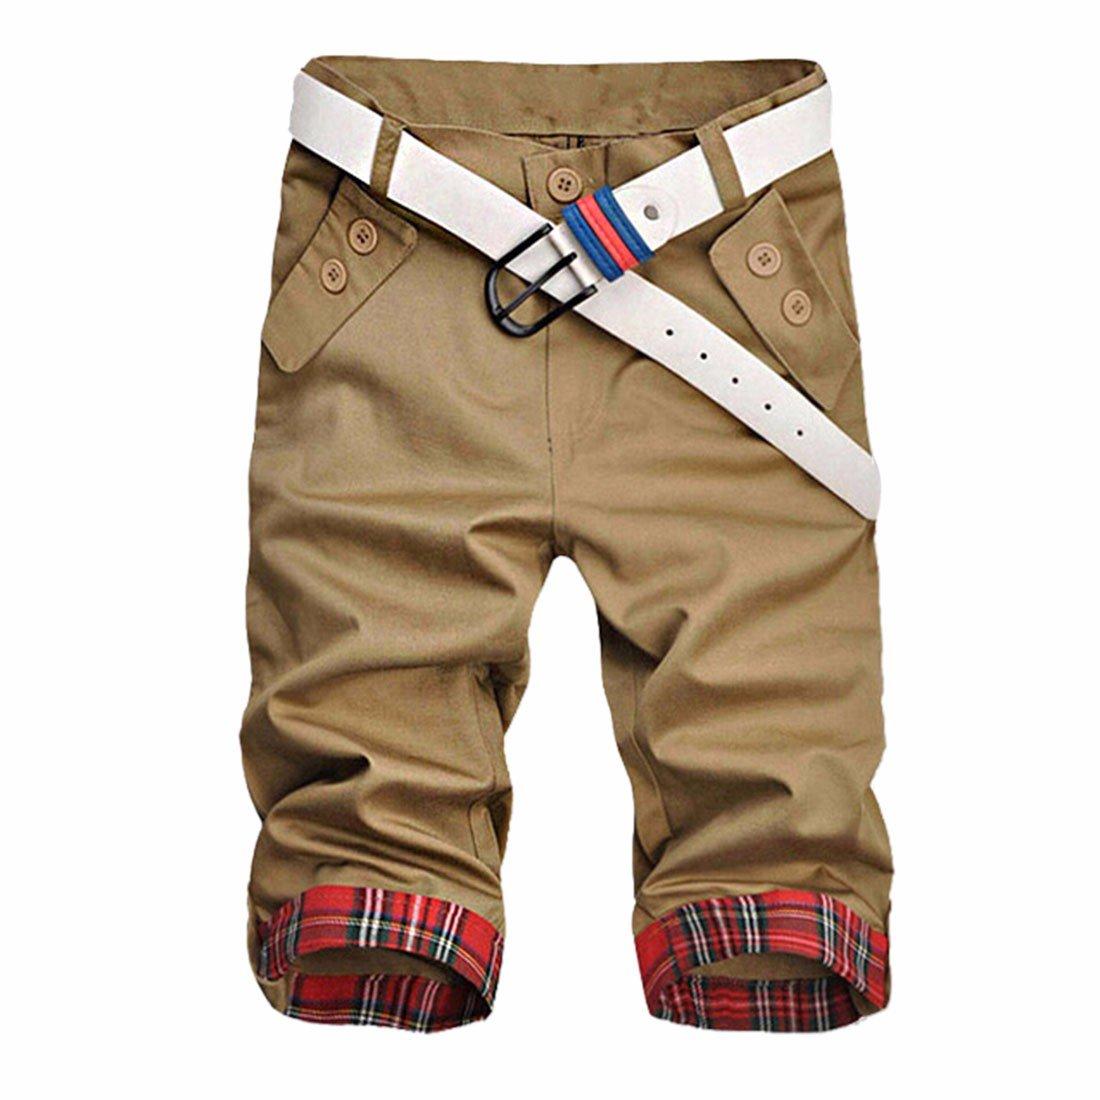 Z Delgado De La Manera del Verano Deportes Ocasionales Hombres Recortadas Pantalones Cortos Cortocircuitos Coreanos: Amazon.es: Ropa y accesorios